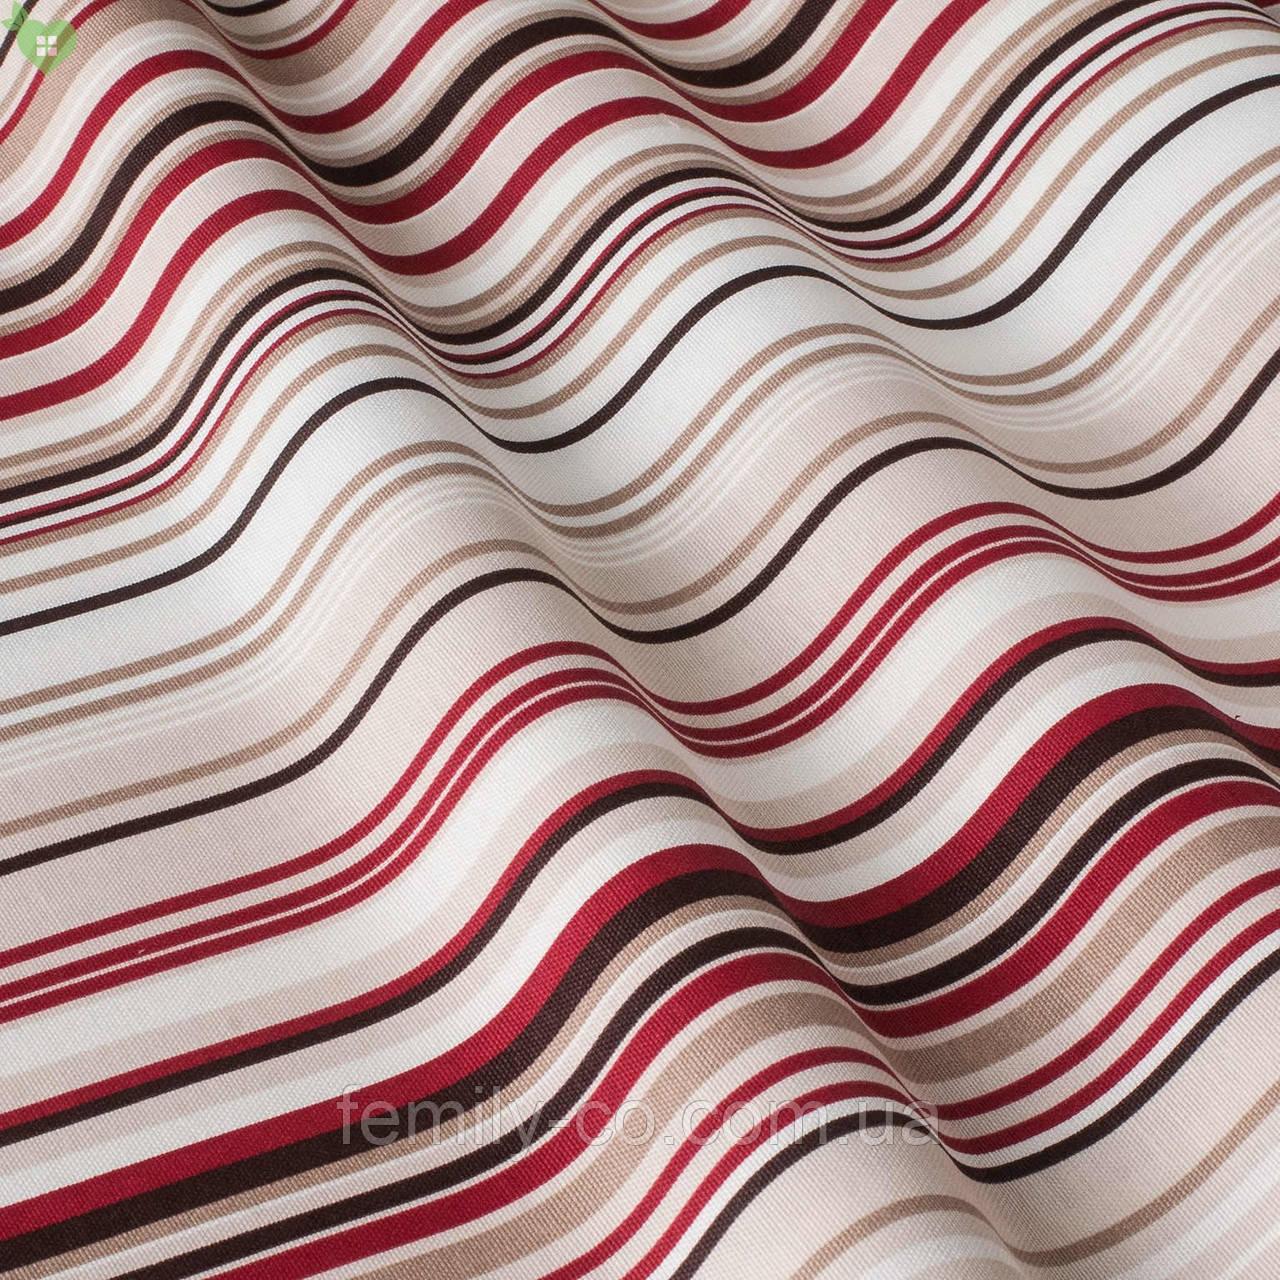 Декоративная ткань в тонкую бордовую бежевую и черную полосу с тефлоном 051670v1